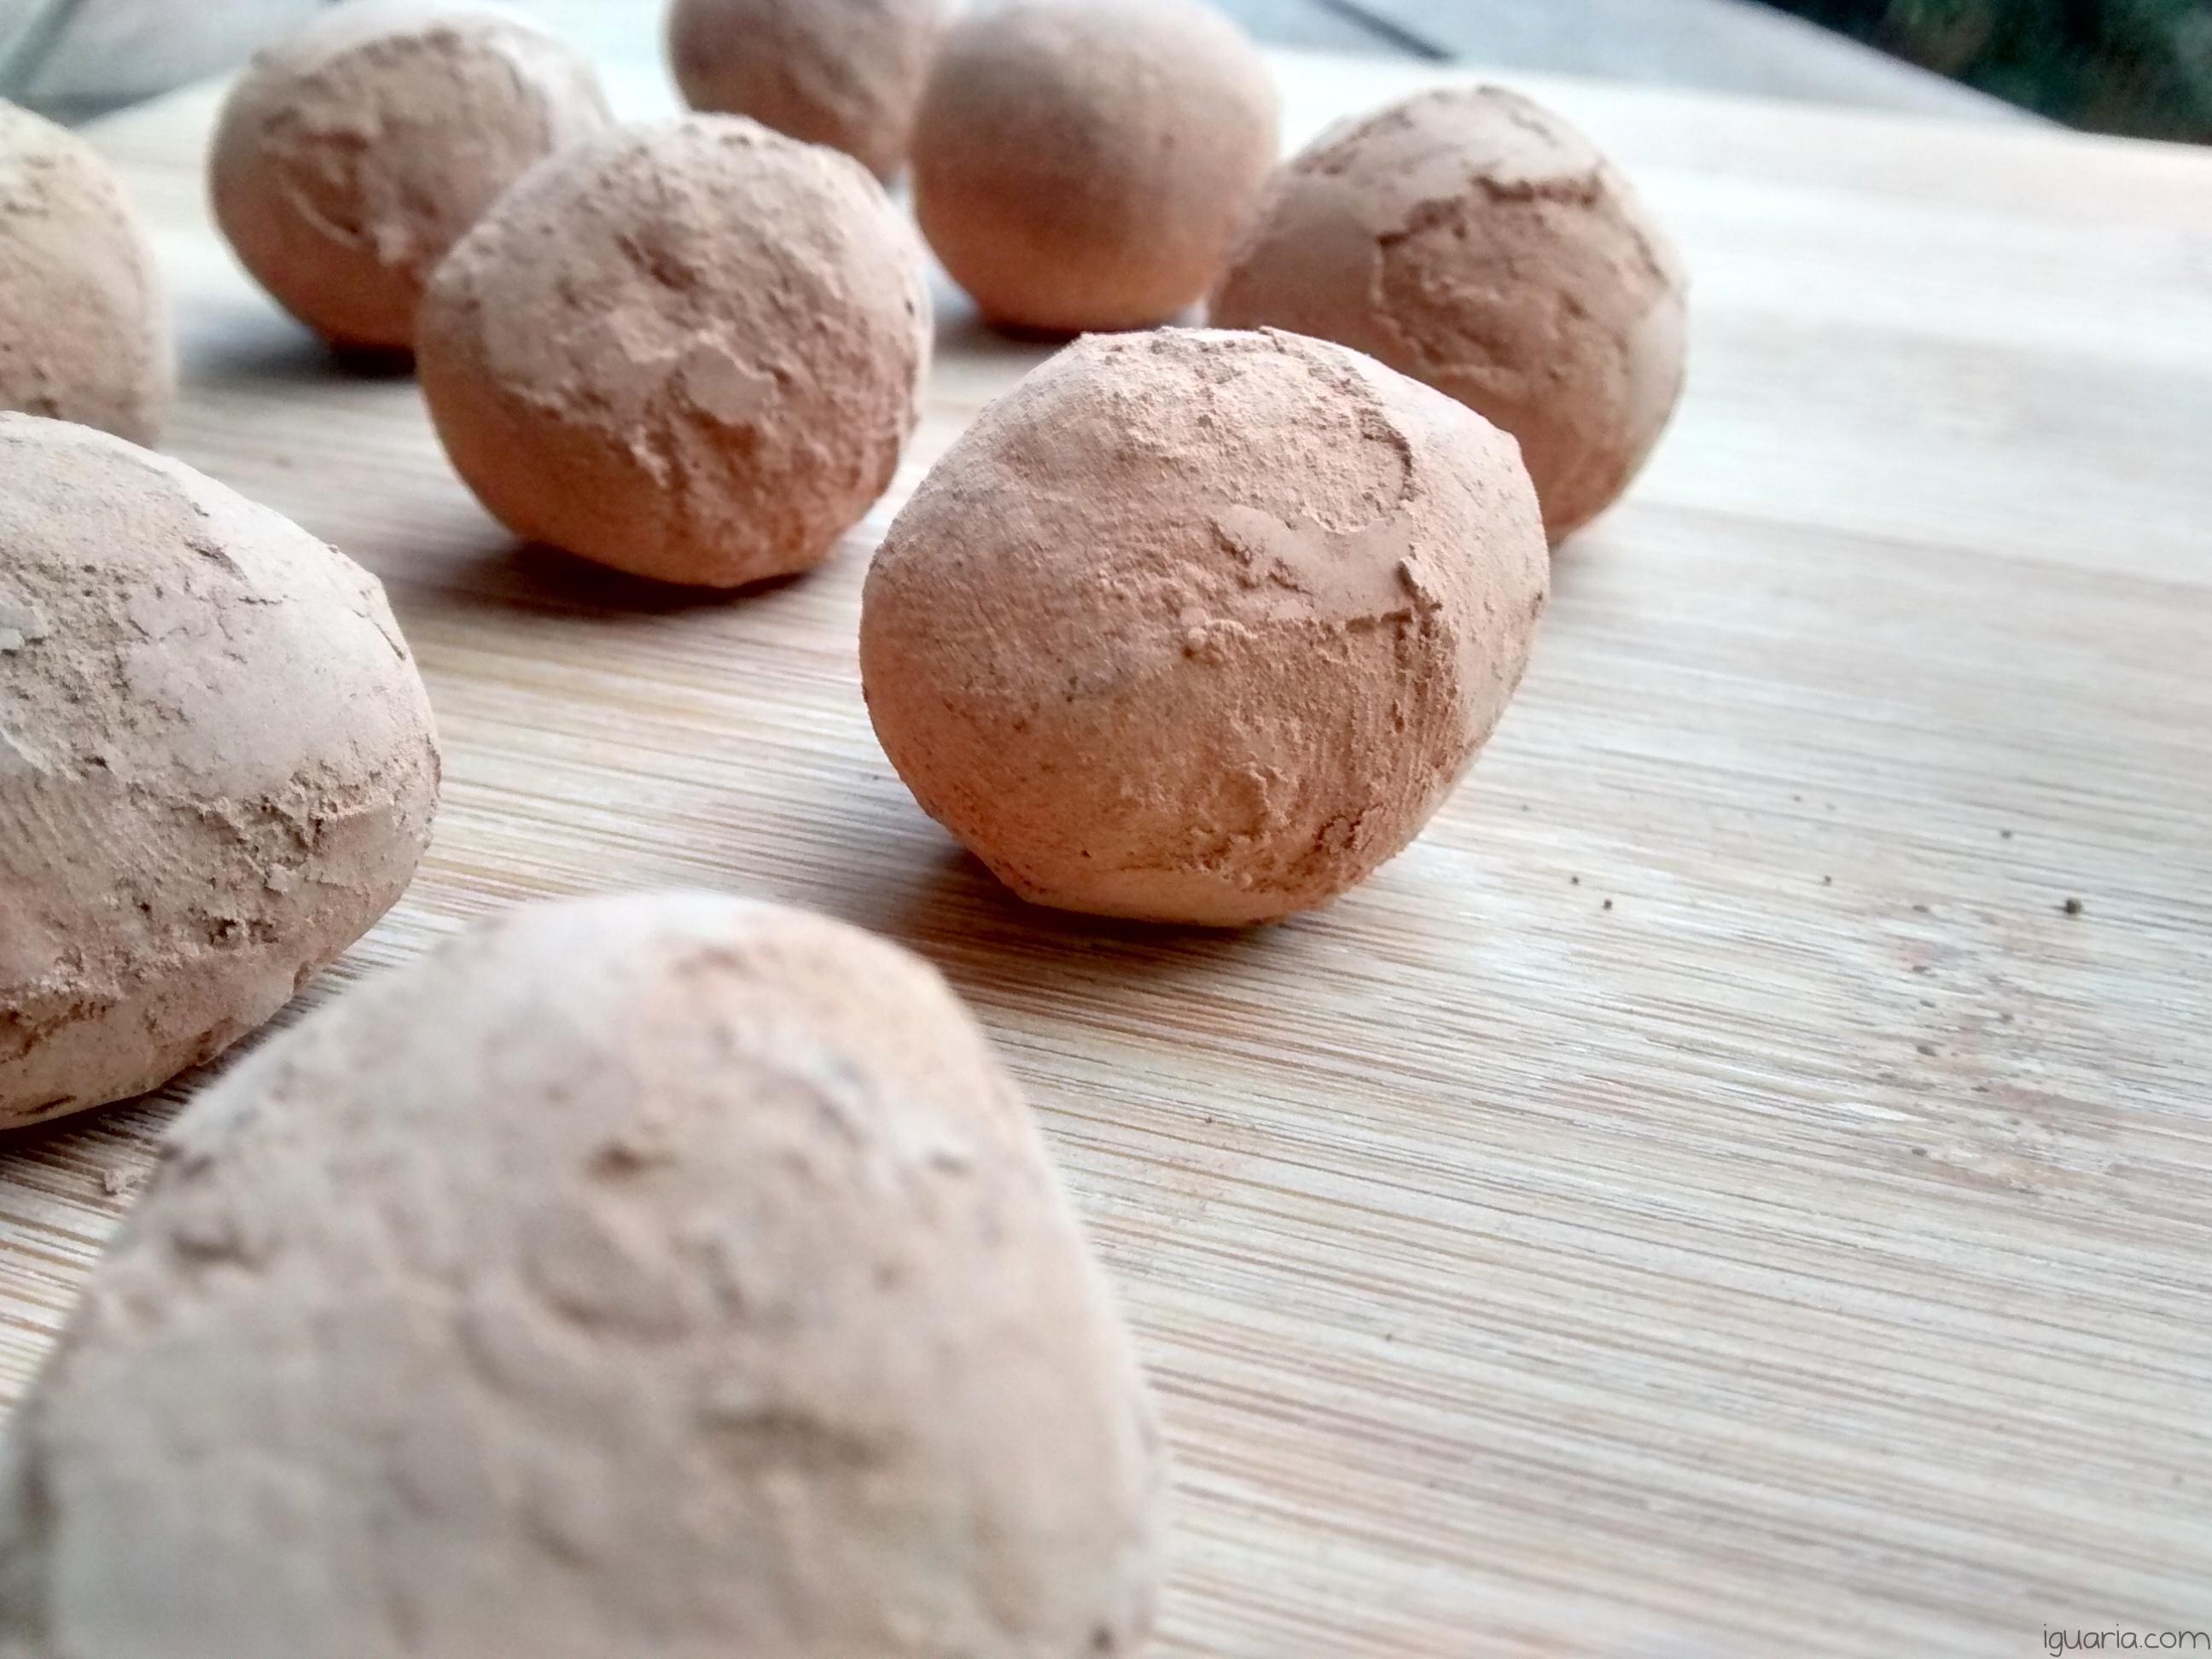 Iguaria_Trufas-de-Chocolate-Cobertas-de-Cacau